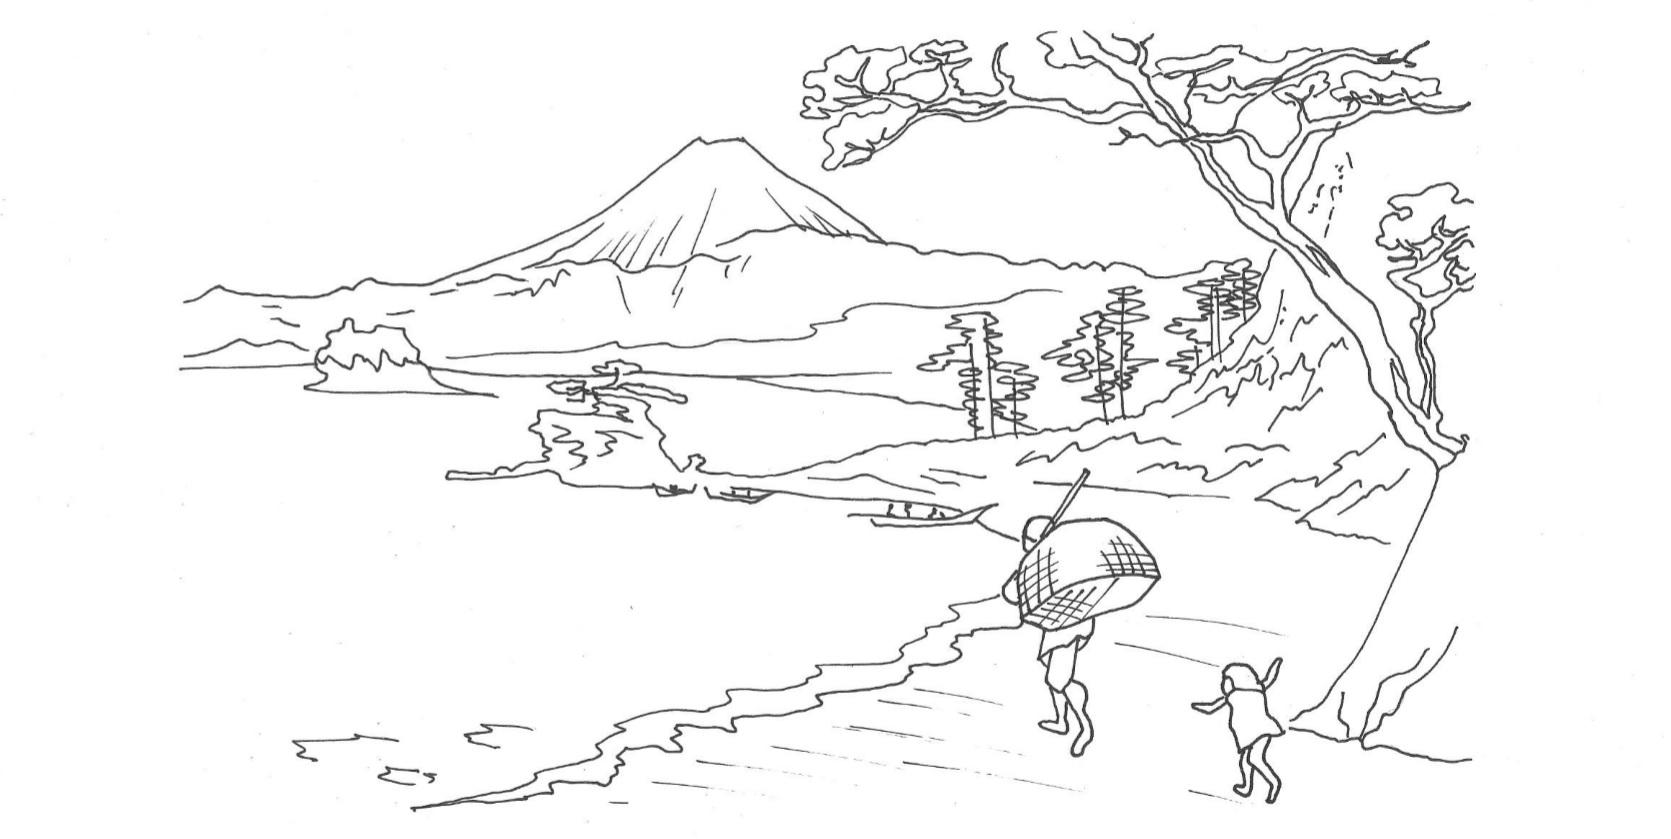 Rysunek czarno-biały. Krajobraz w stylu malarstwa japońskiego.